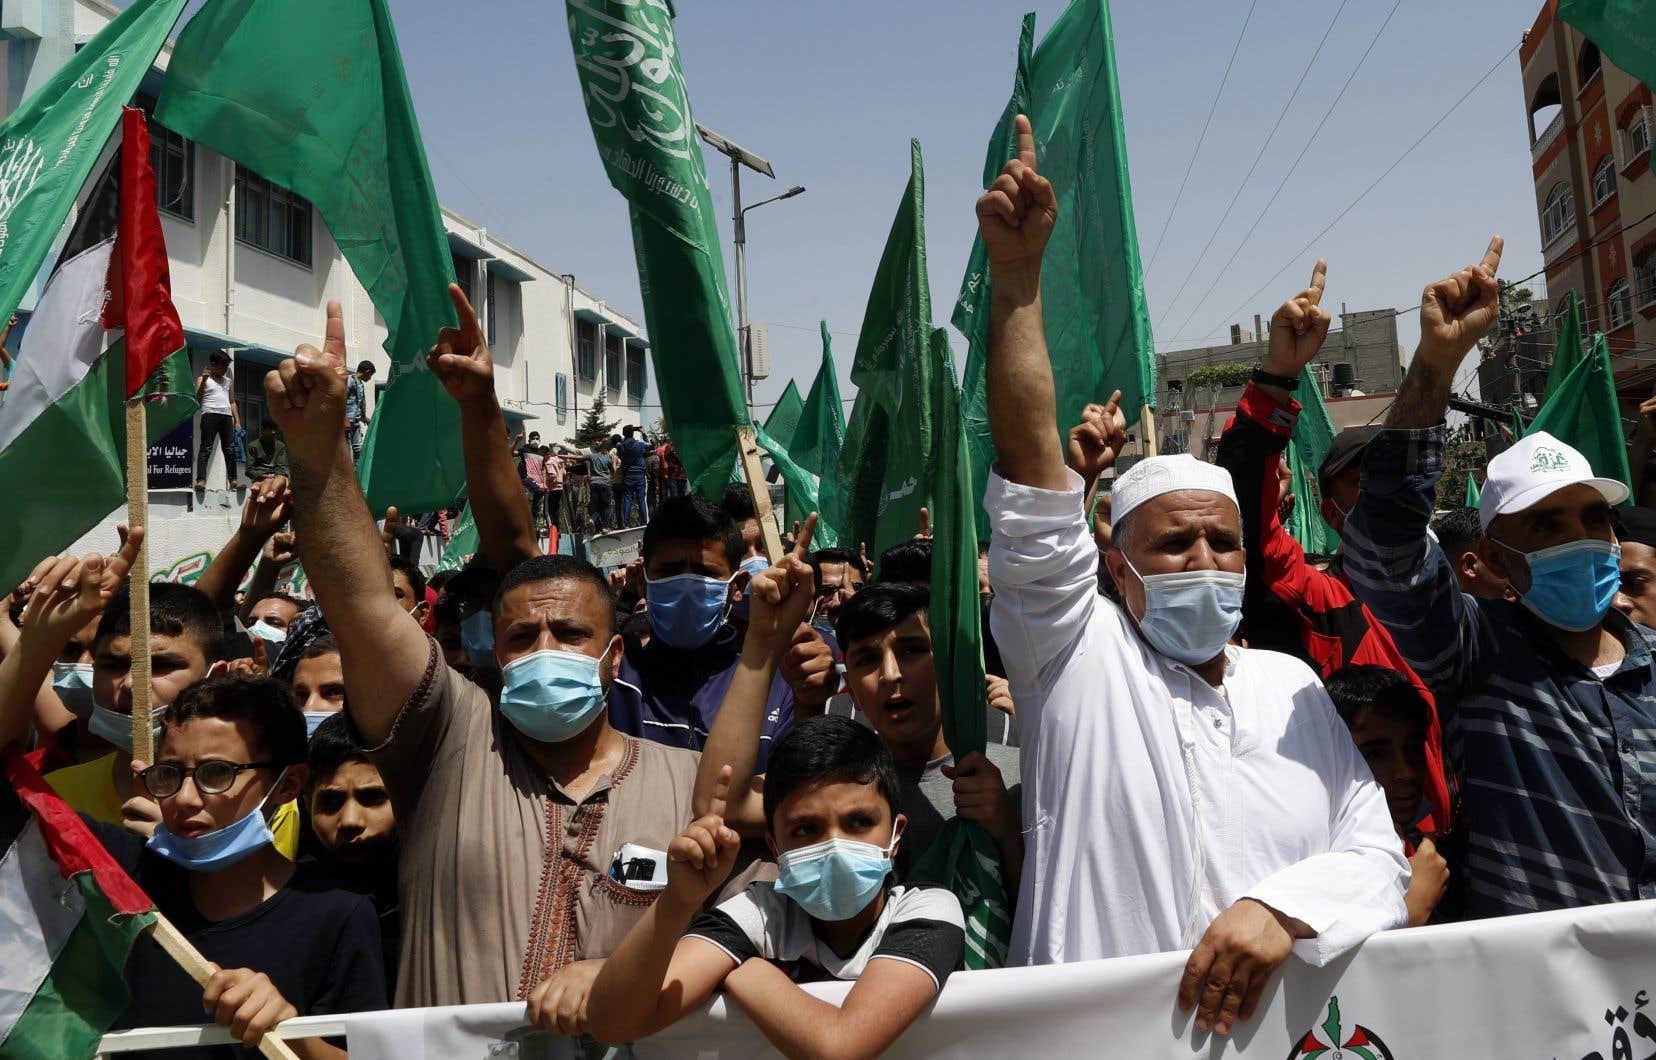 Des partisans du Hamas, qui contrôlent la bande de Gaza, manifestent leur mécontentement à l'annonce du report des élections.